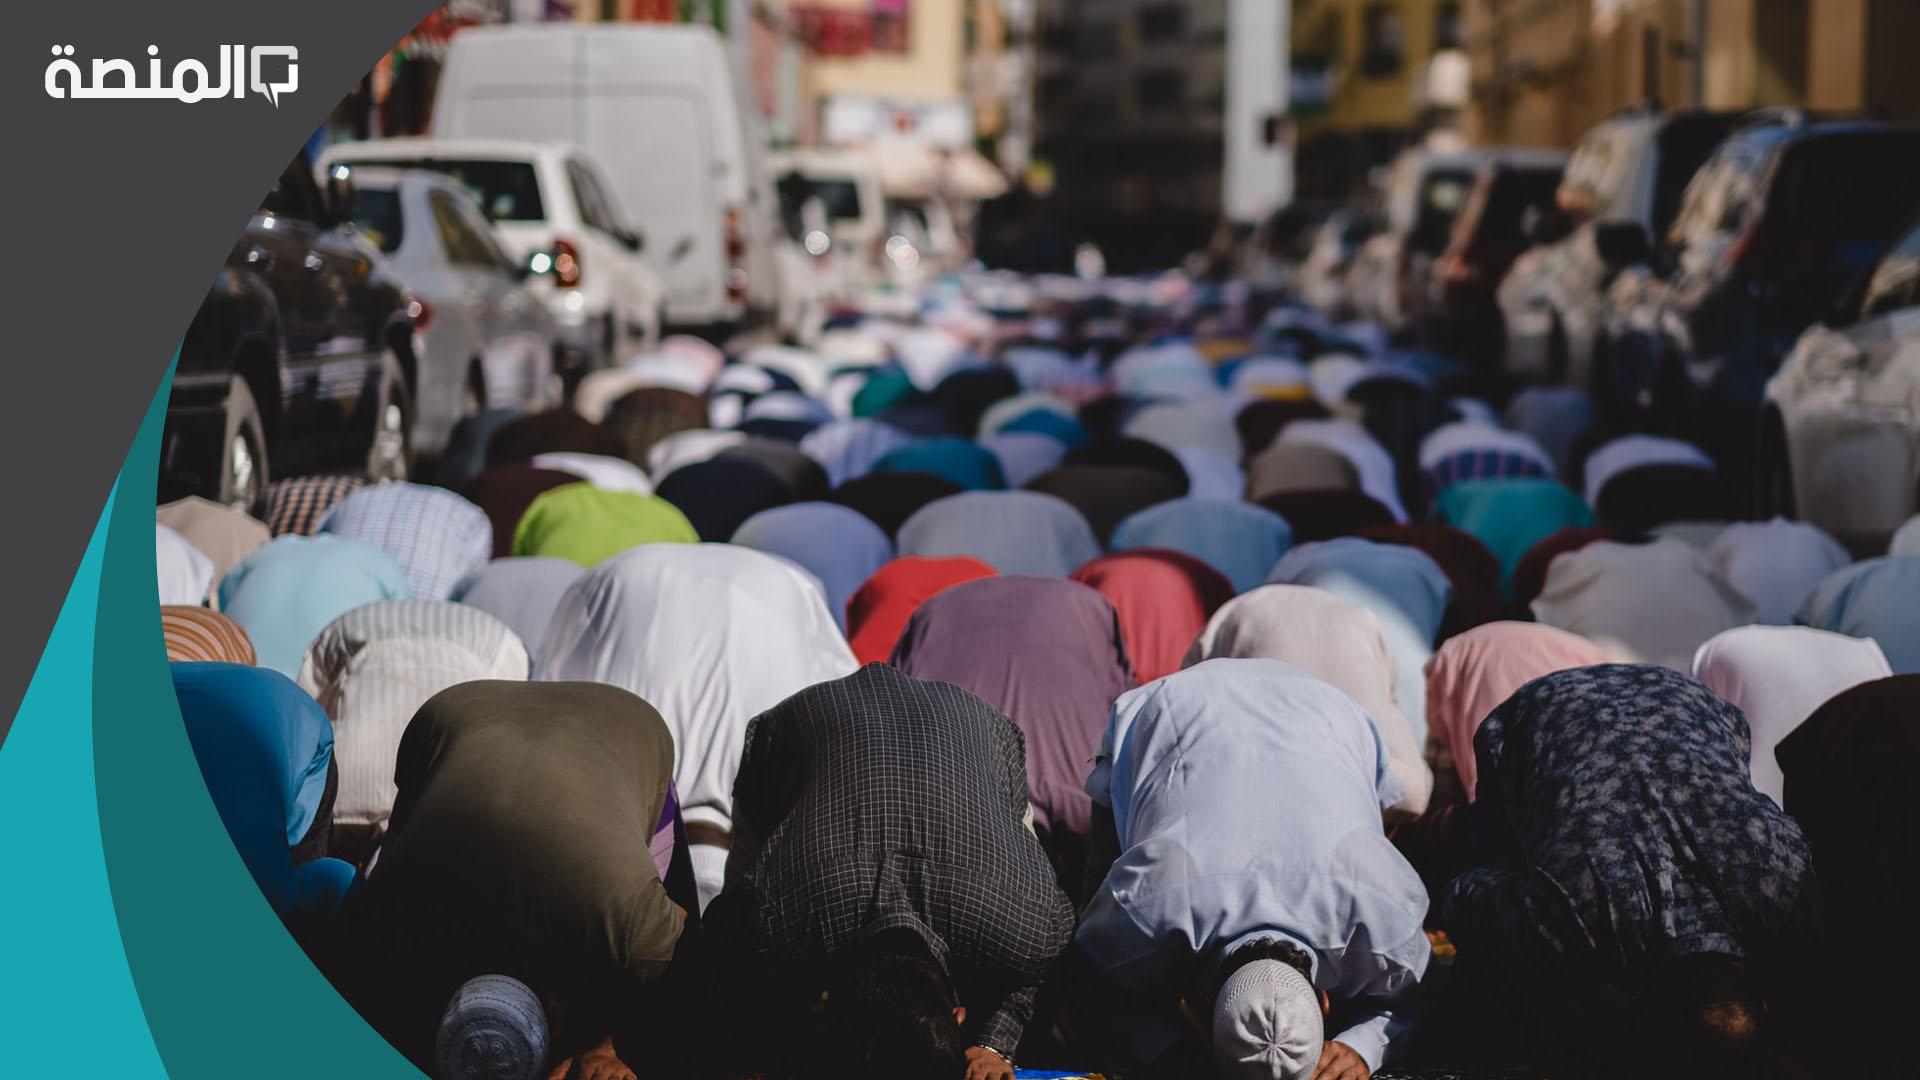 تفسير رؤية شخص اعرفه يصلي في المنام المنصة